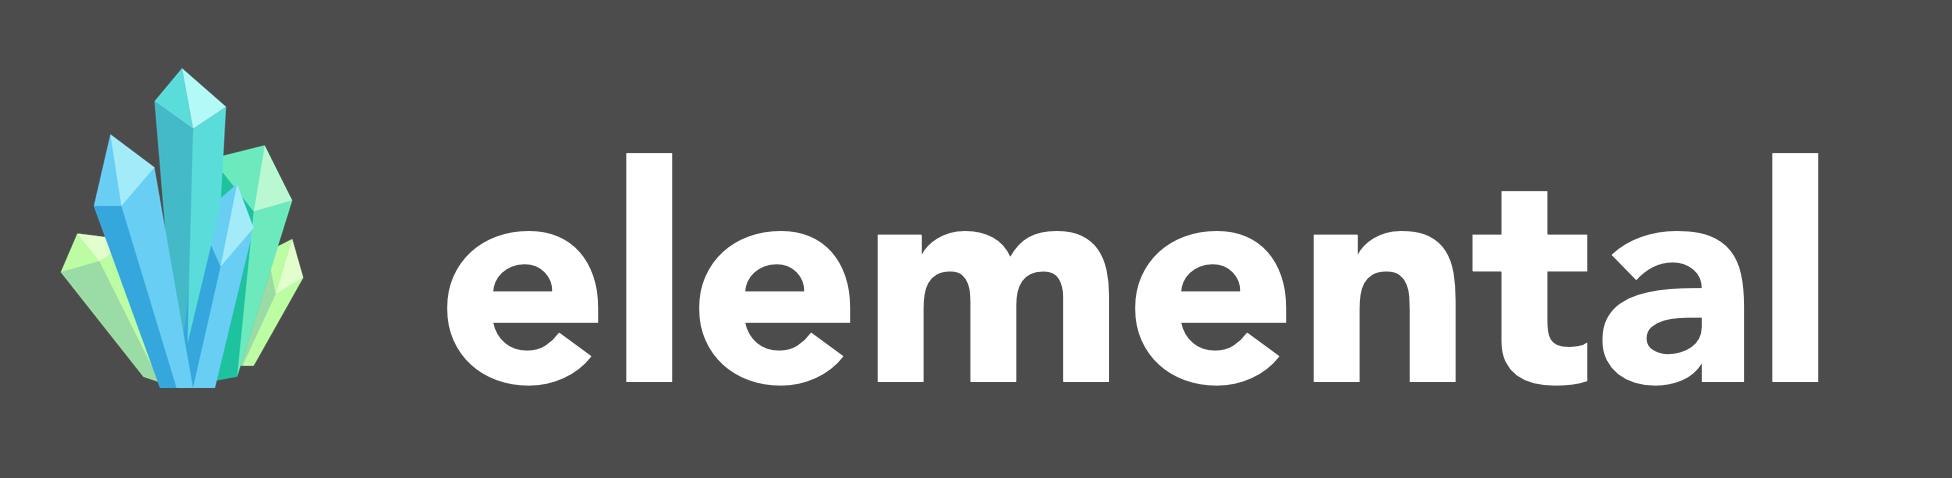 Elemental for FileMaker Released